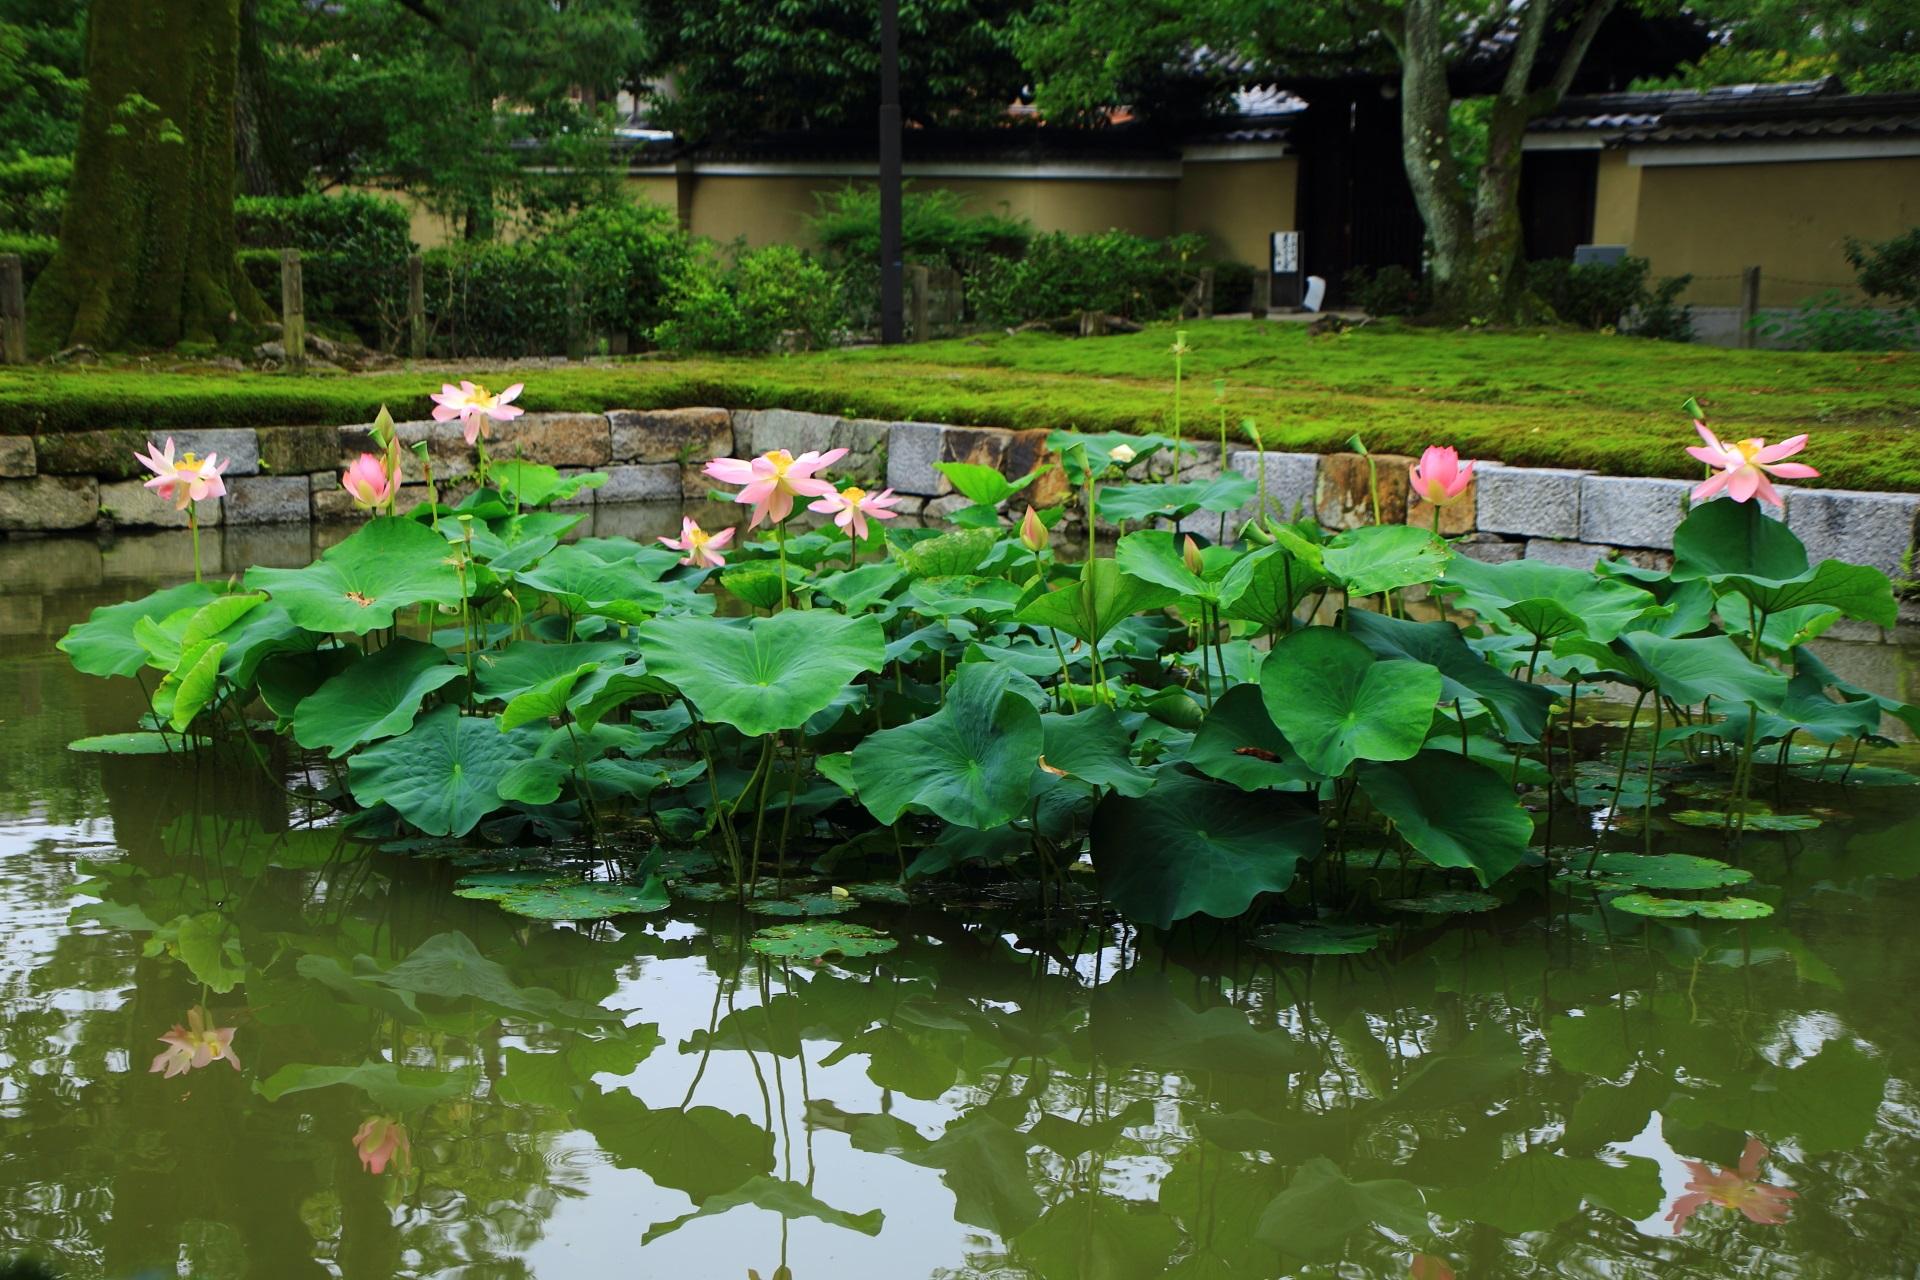 建仁寺の三門と勅使門の間にある蓮池の放生池(ほうじょうち)